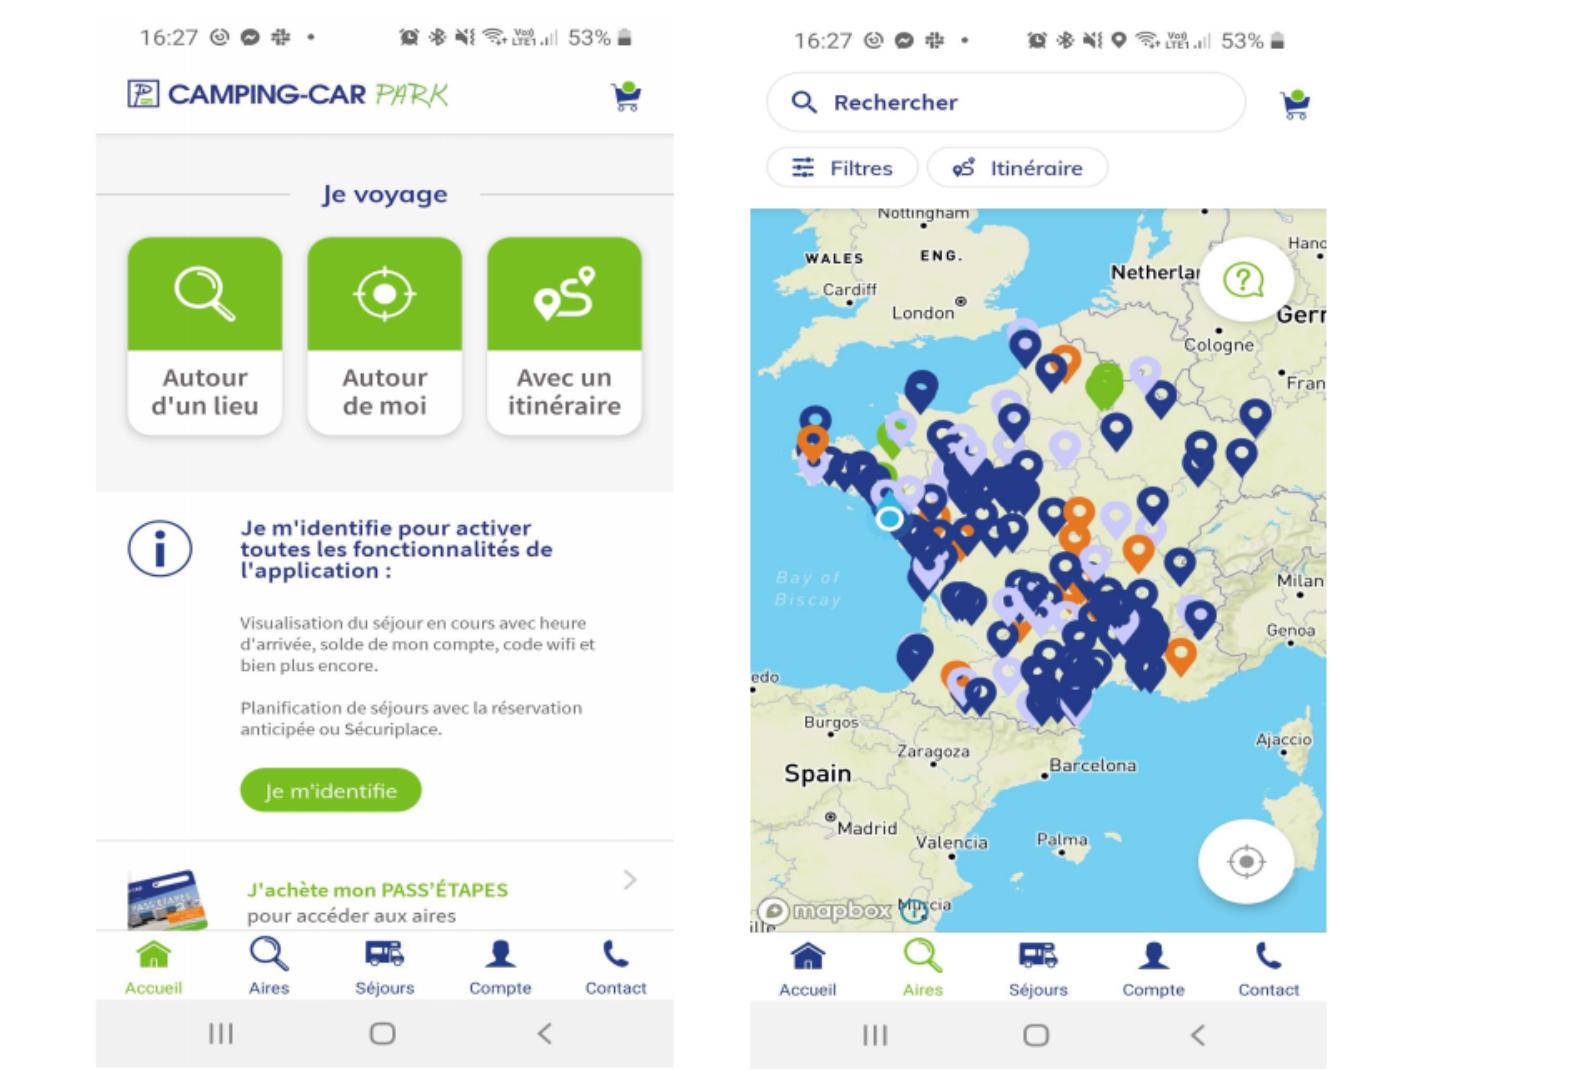 Trouver les 200+ aires de stationnement Camping-Car Park dans toute la France et accéder aux informations utiles /photo dr